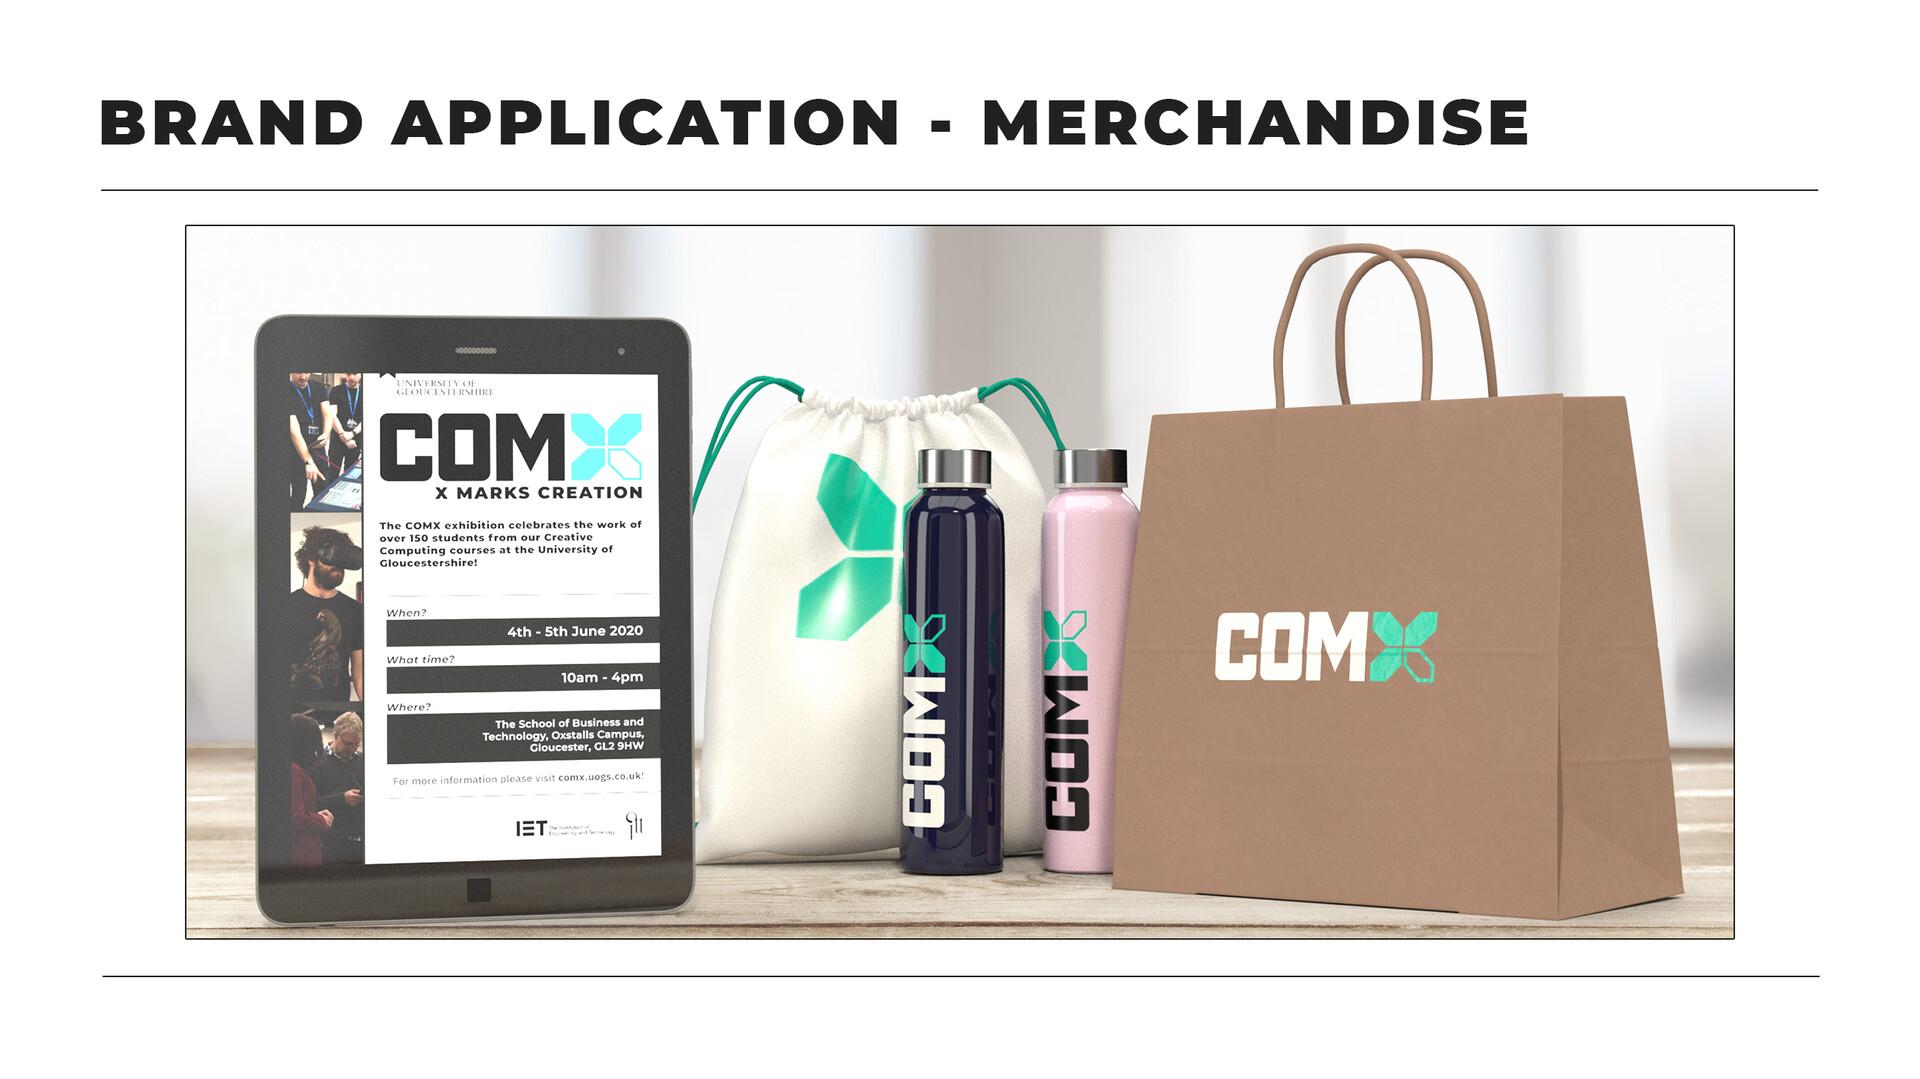 Kyle tugwell s1602904 comxbrandingguidelinesbrand application merchandise